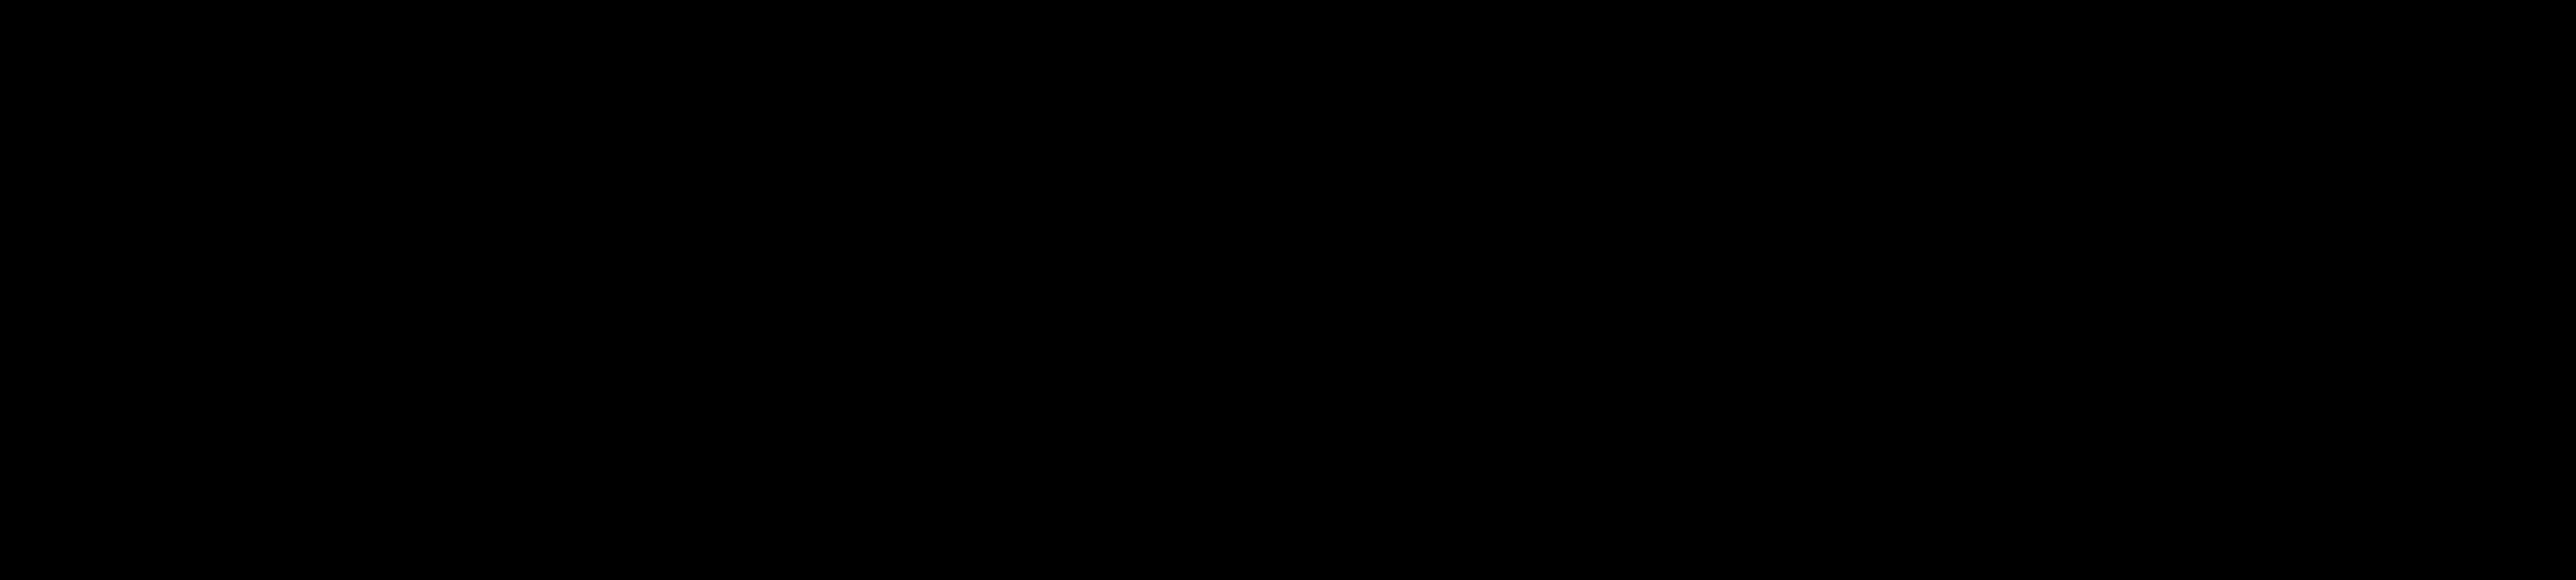 O6-[4-(13-Azido-2,5,8,11-tetraoxa-tridecyl)benzyl]guanine